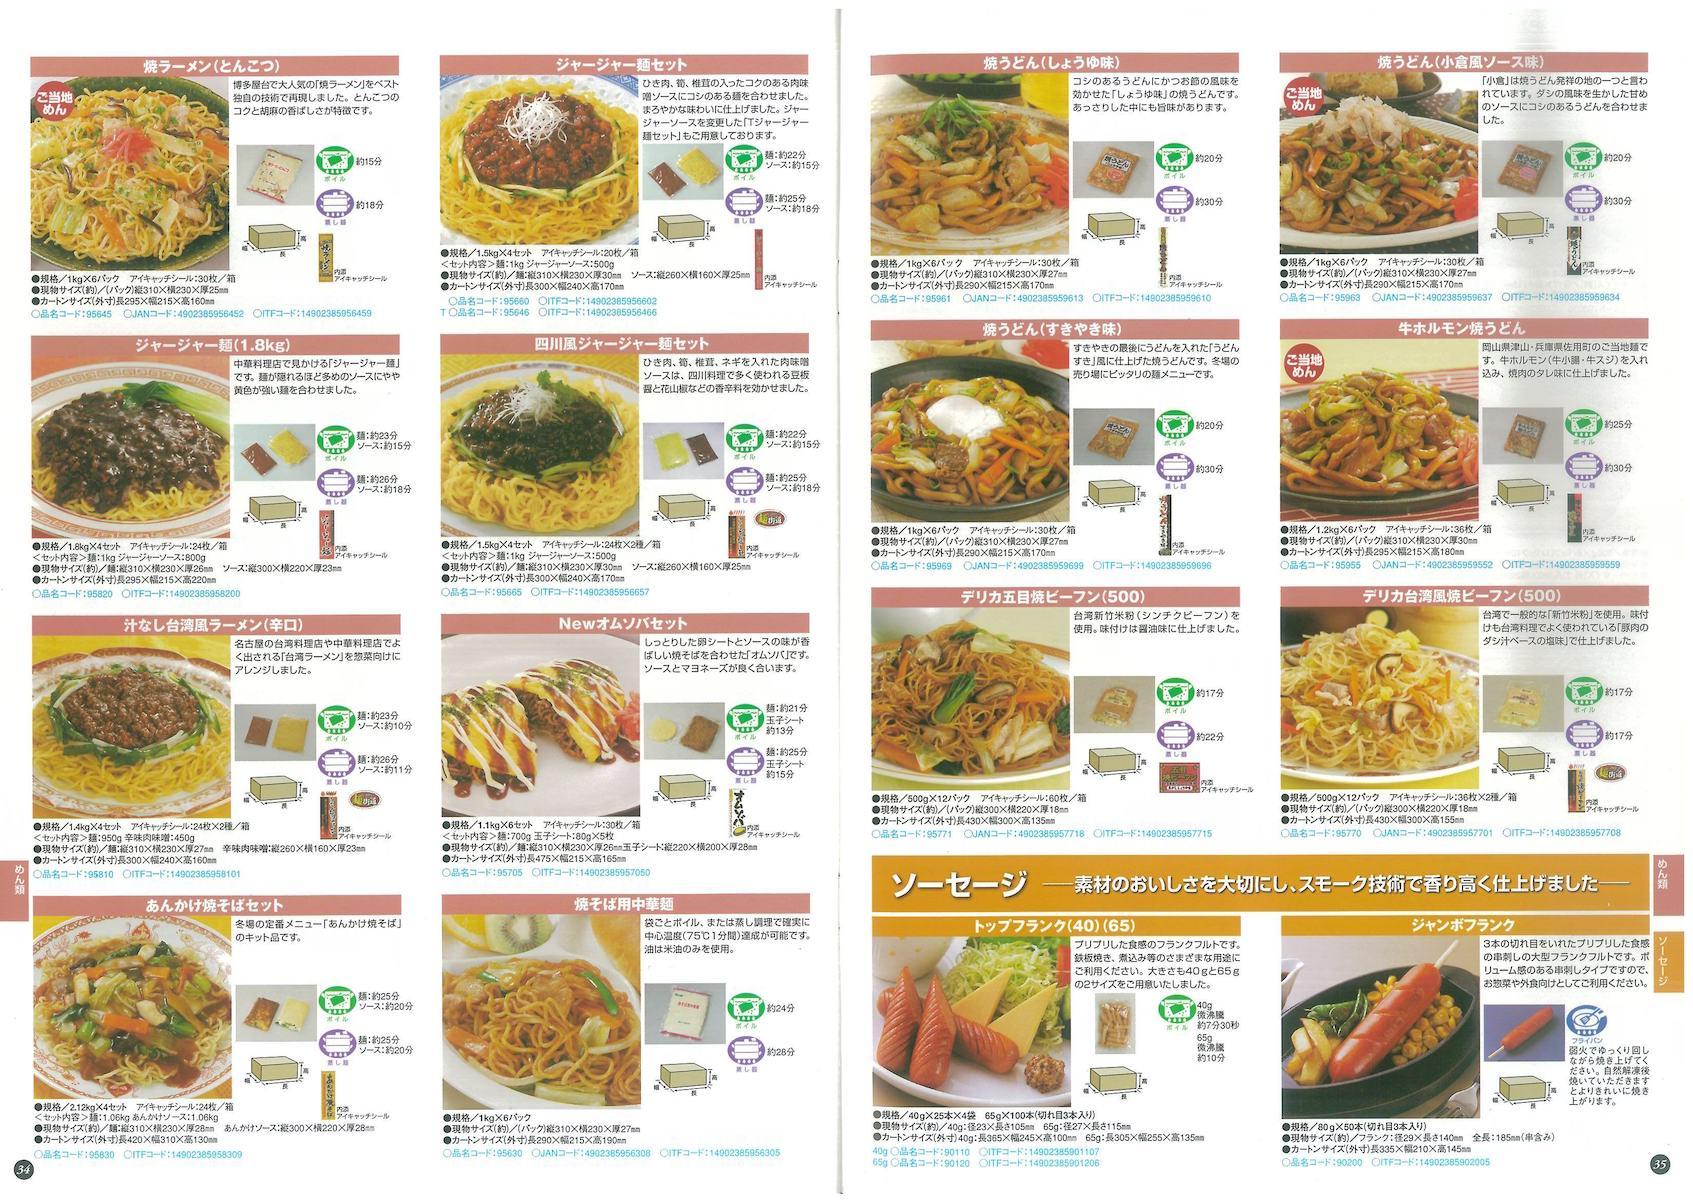 日東ベスト 焼きラーメン(とんこつ) ジャージャー麺セット ジャージャー麺(1.8kg) 四川風ジャージャー麺セット 汁なし台湾風ラーメン(辛口) Newオムソバセット あんかけ焼そばセット 焼そば用中華麺 焼うどん(しょうゆ味) 焼うどん(小倉風ソース味) 焼うどん(すきやき味)牛ホルモン焼うどん デリカ五目焼きビーフン(500) デリカ台湾風焼きビーフン(500) ソーセージ トップフランク(40)(65) ジャンボフランク